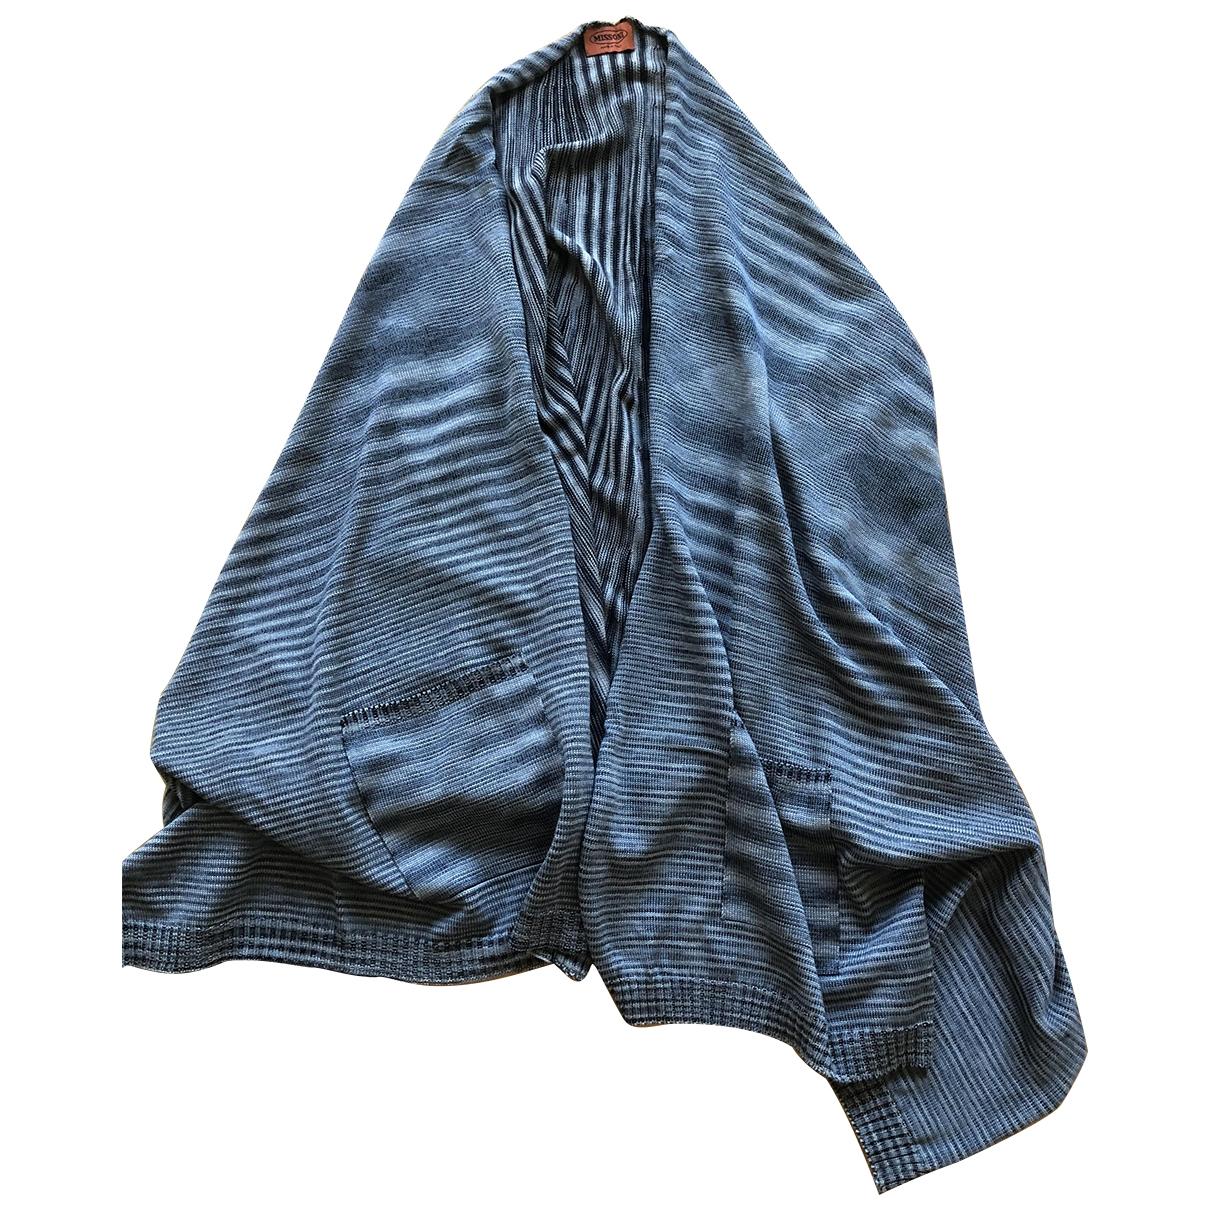 Missoni \N Blue Wool Knitwear for Women One Size IT